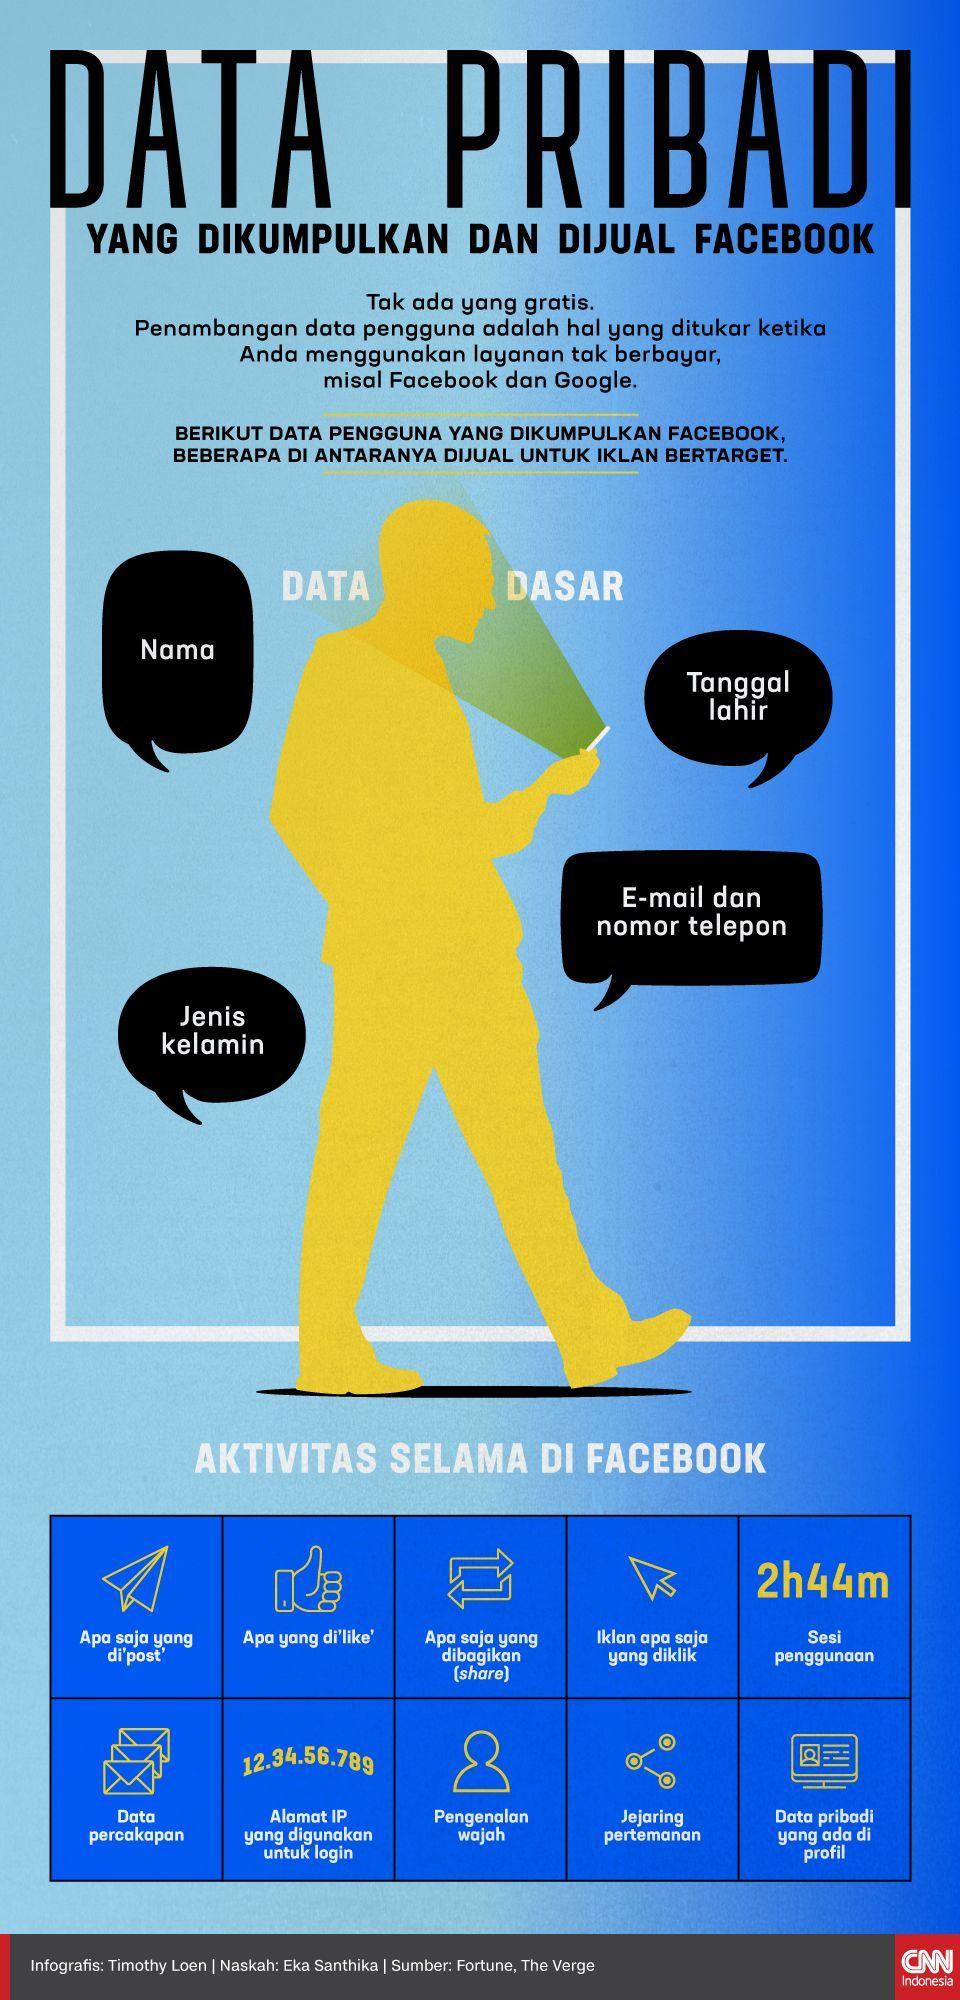 Infografis Data Pribadi yang Dikumpulkan dan Dijual Facebook